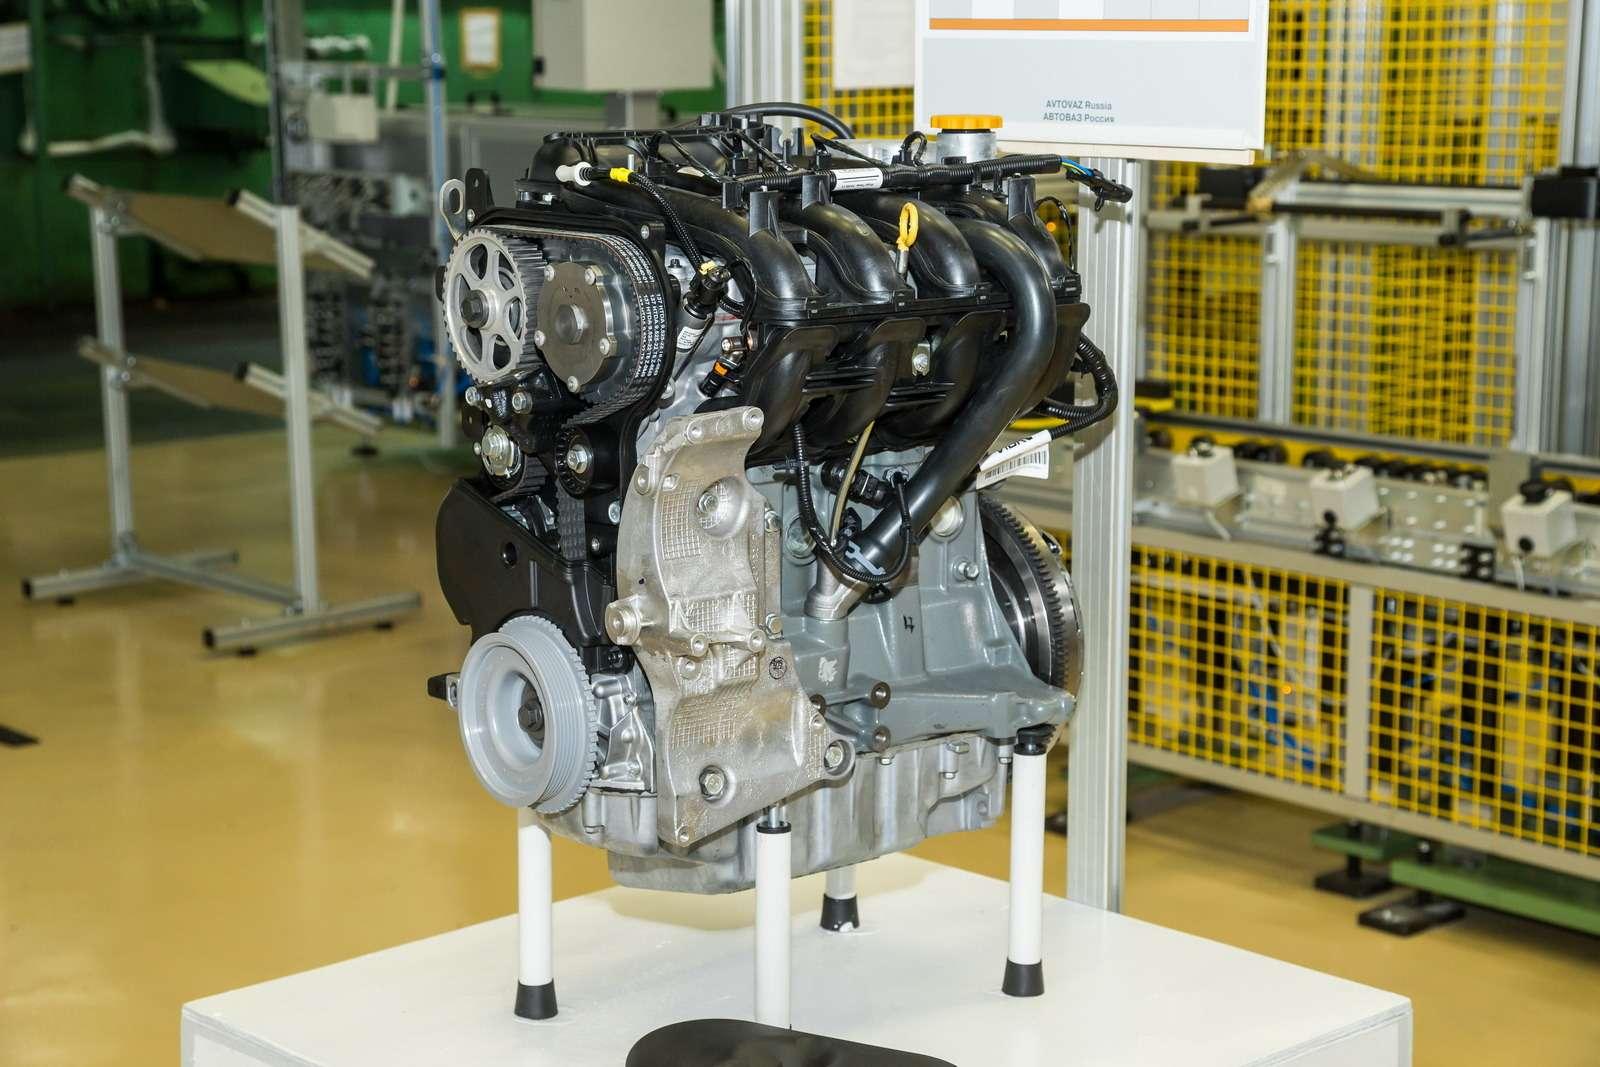 двигатель 21124 1 6 16v устройство схема